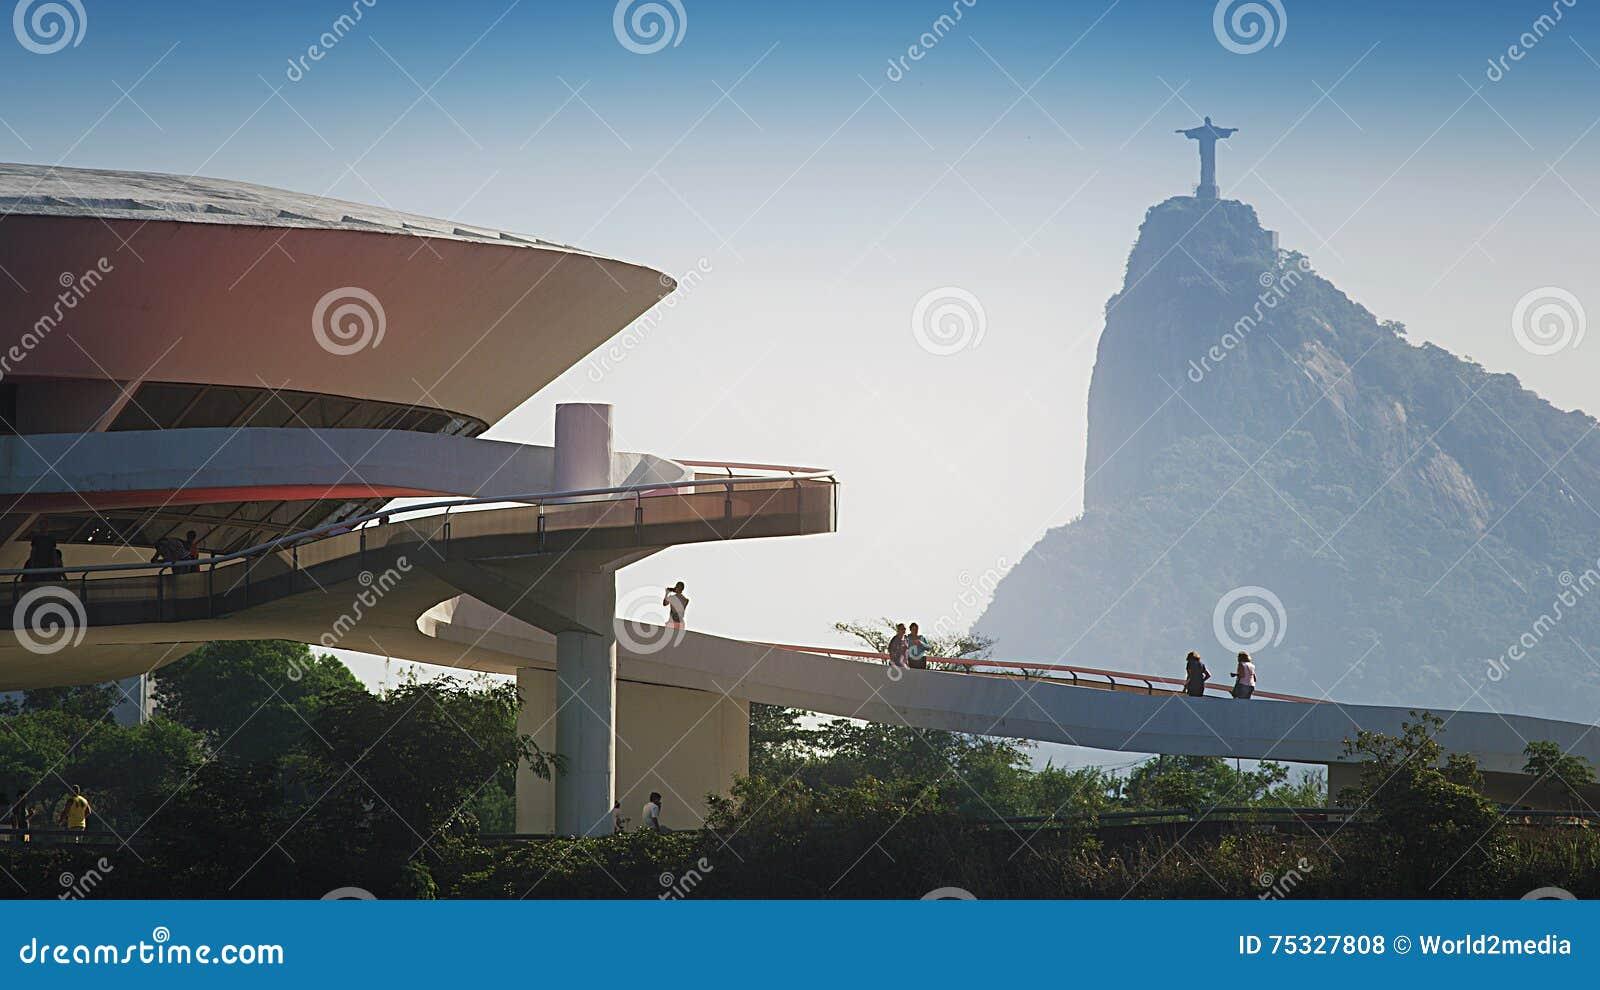 Art Museum Contemporary Art Museum contemporâneo em Niteroi com estátua de Cristo